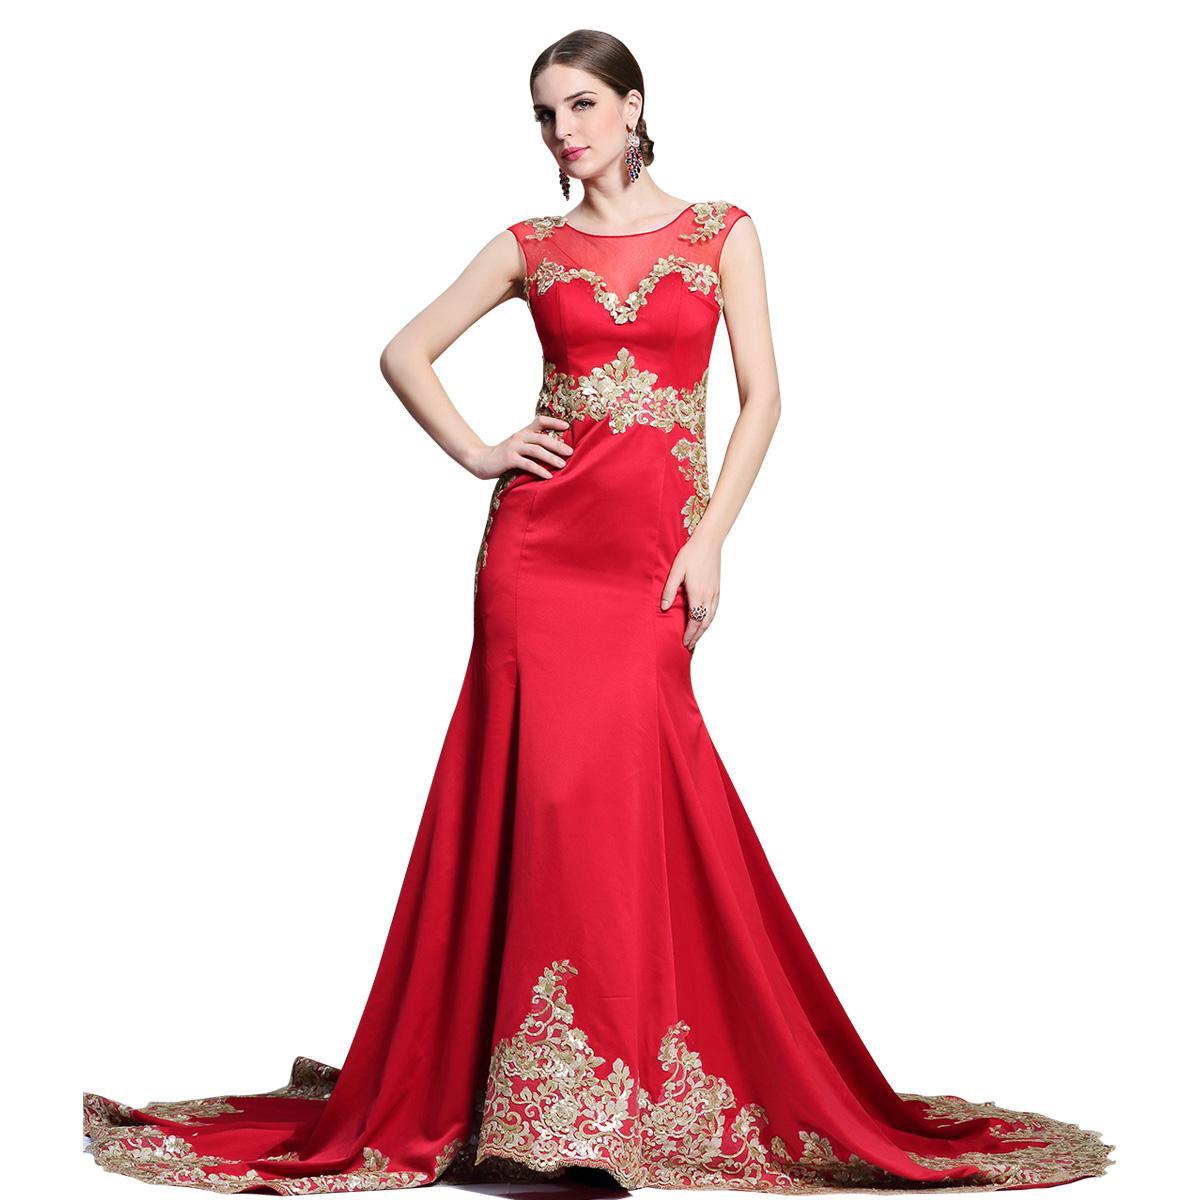 Krááásne červeno-biele šaty - Obrázok č. 109